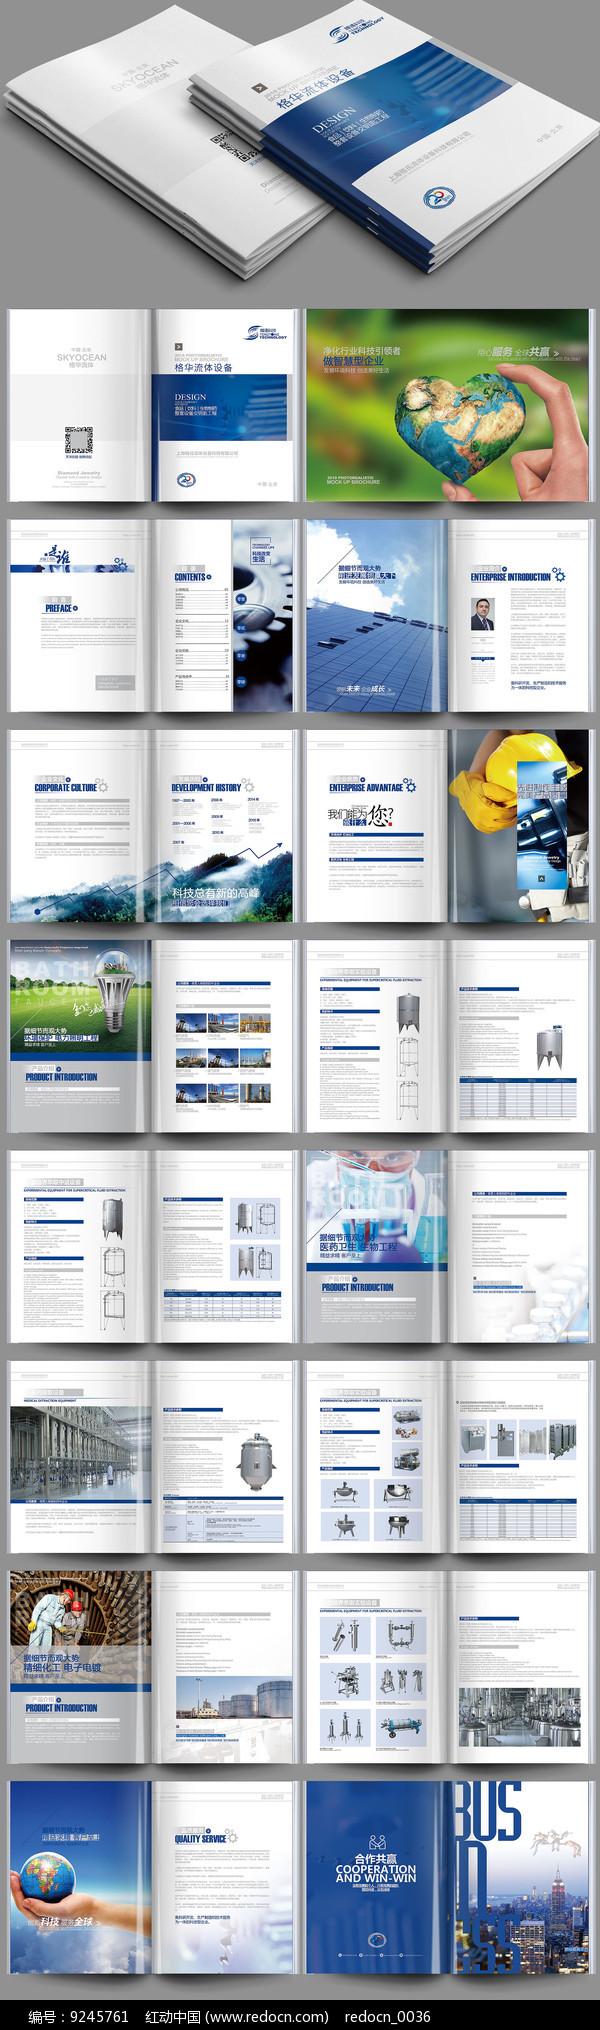 能源设备机械设备宣传册模版图片